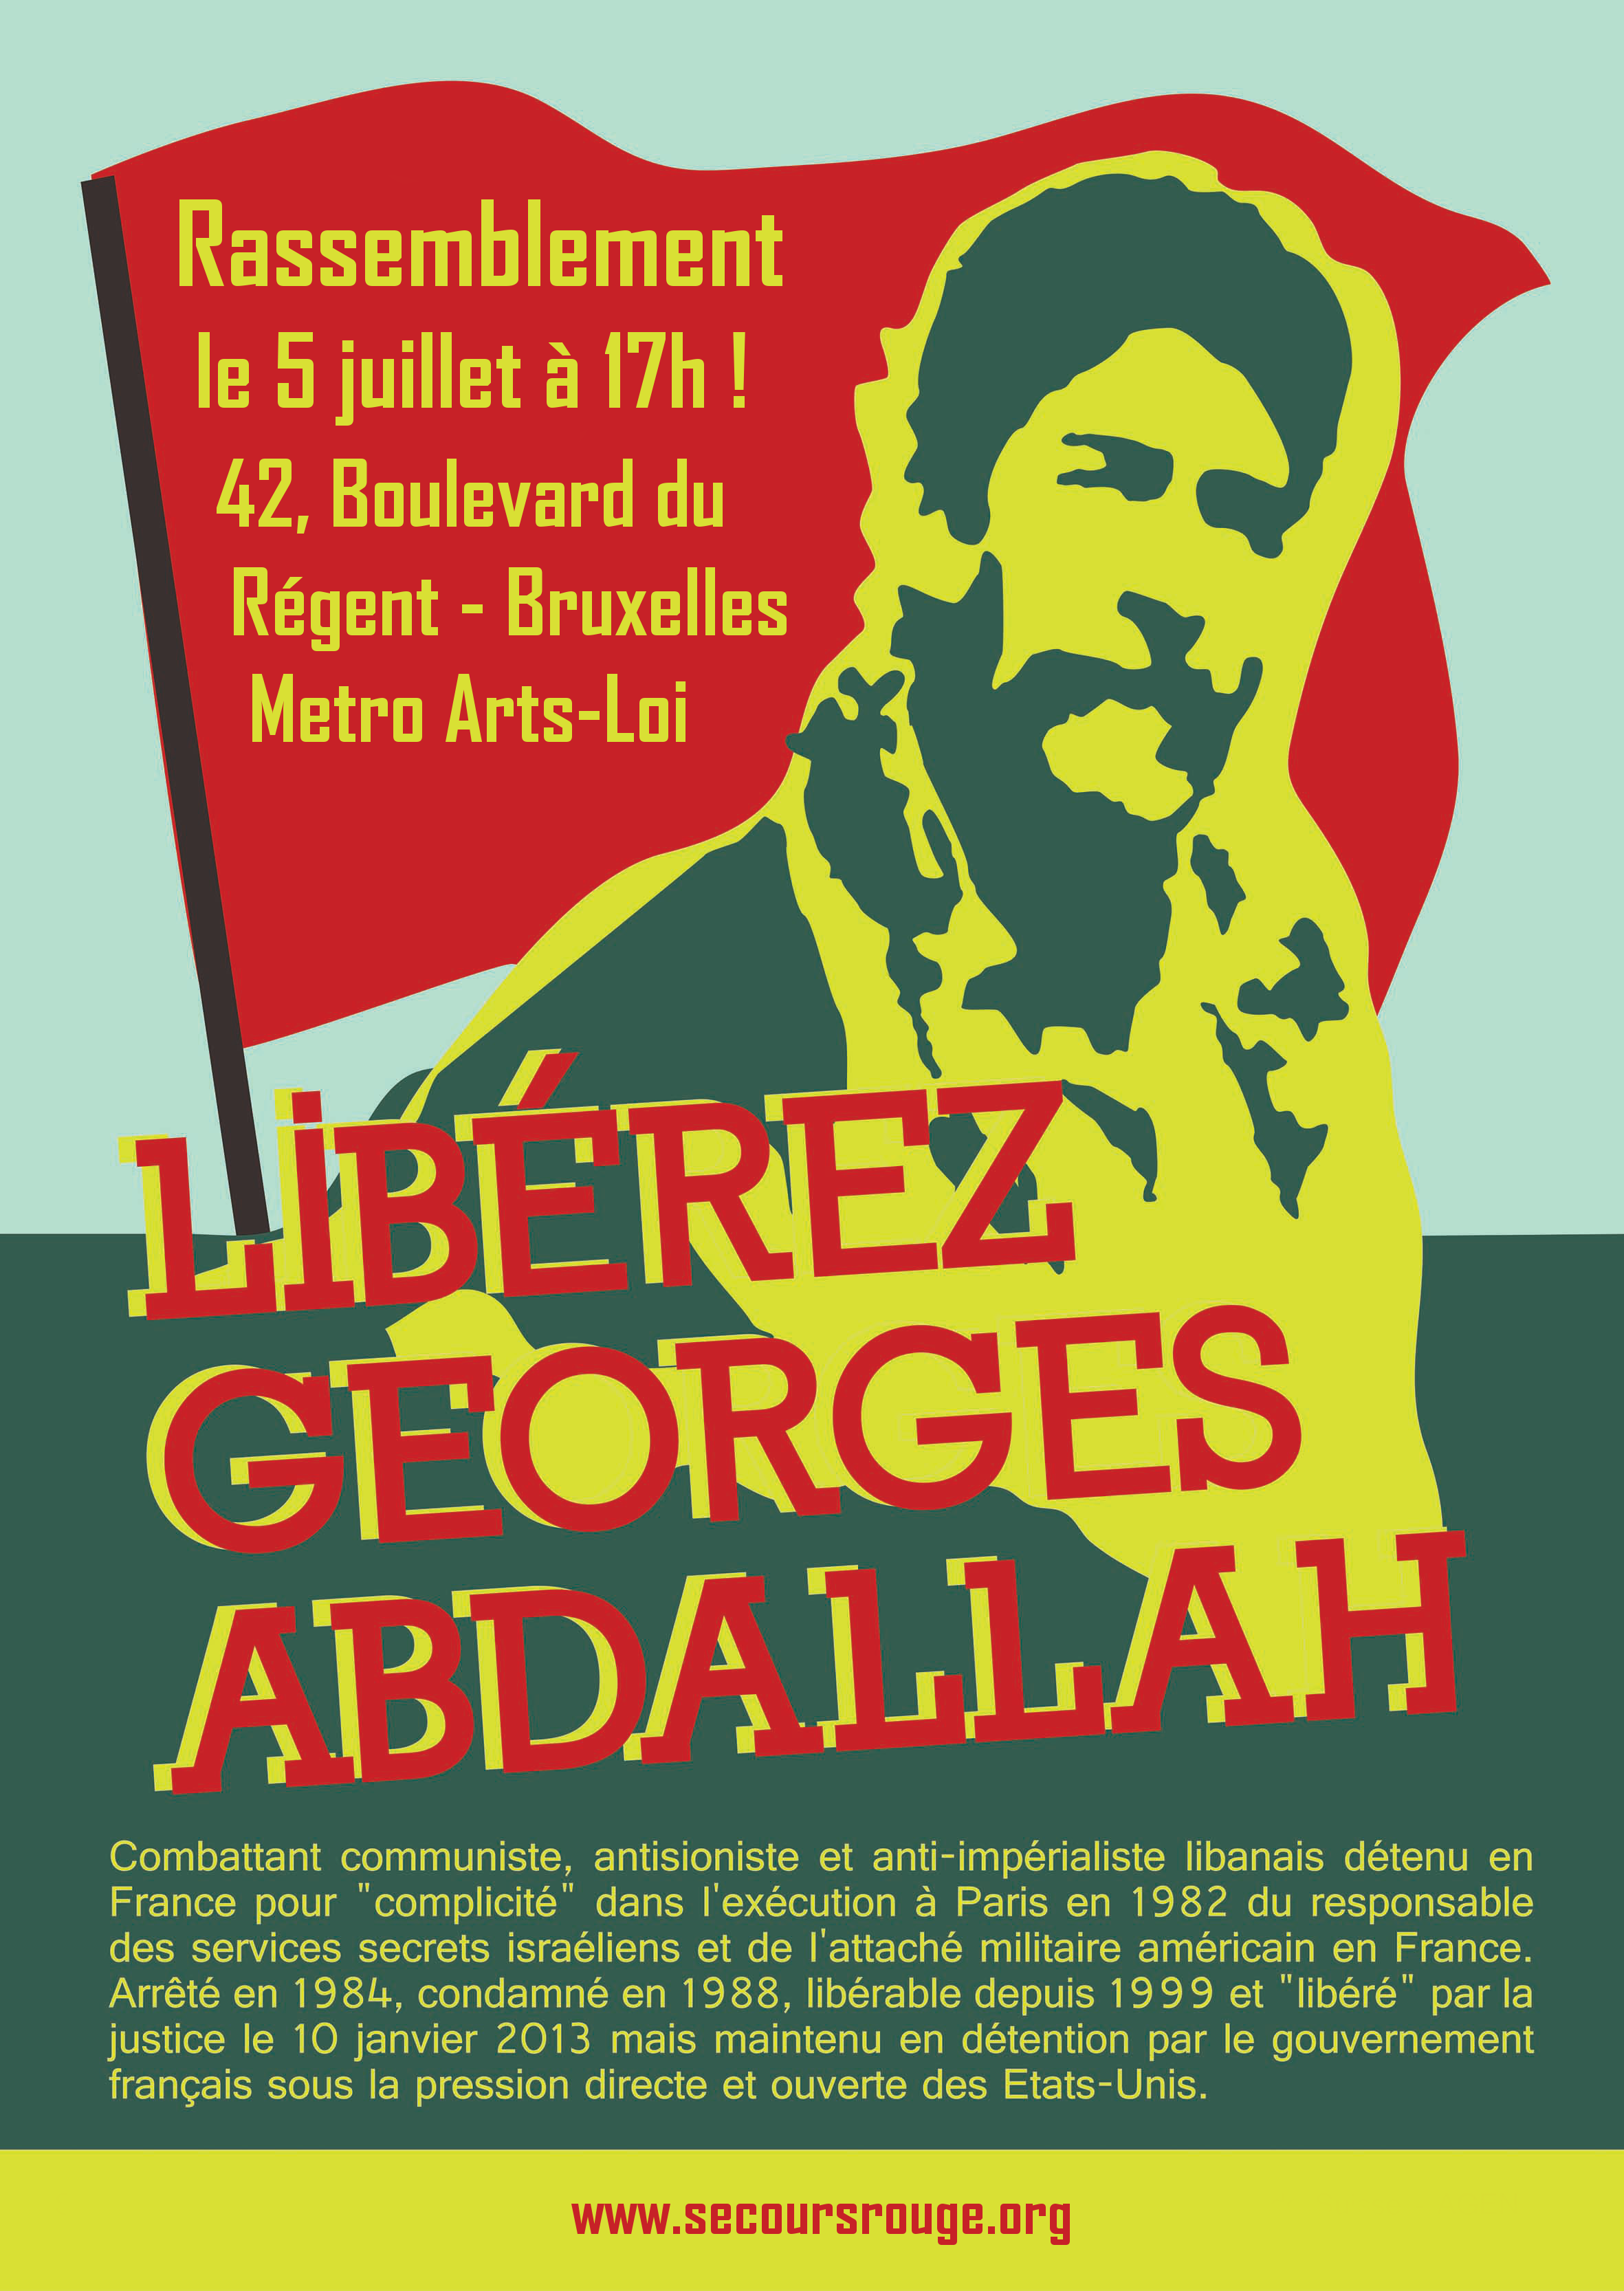 Rassemblent à Bruxelles pour Georges Ibrahim Abdallah